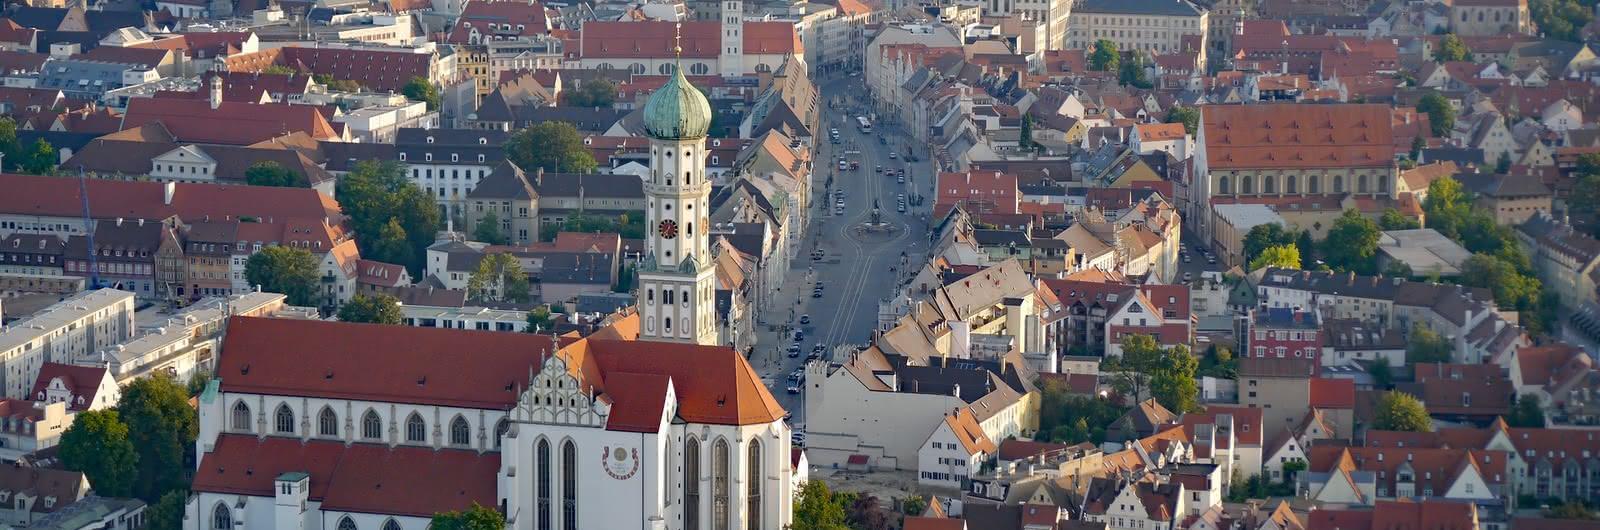 augsburg city header